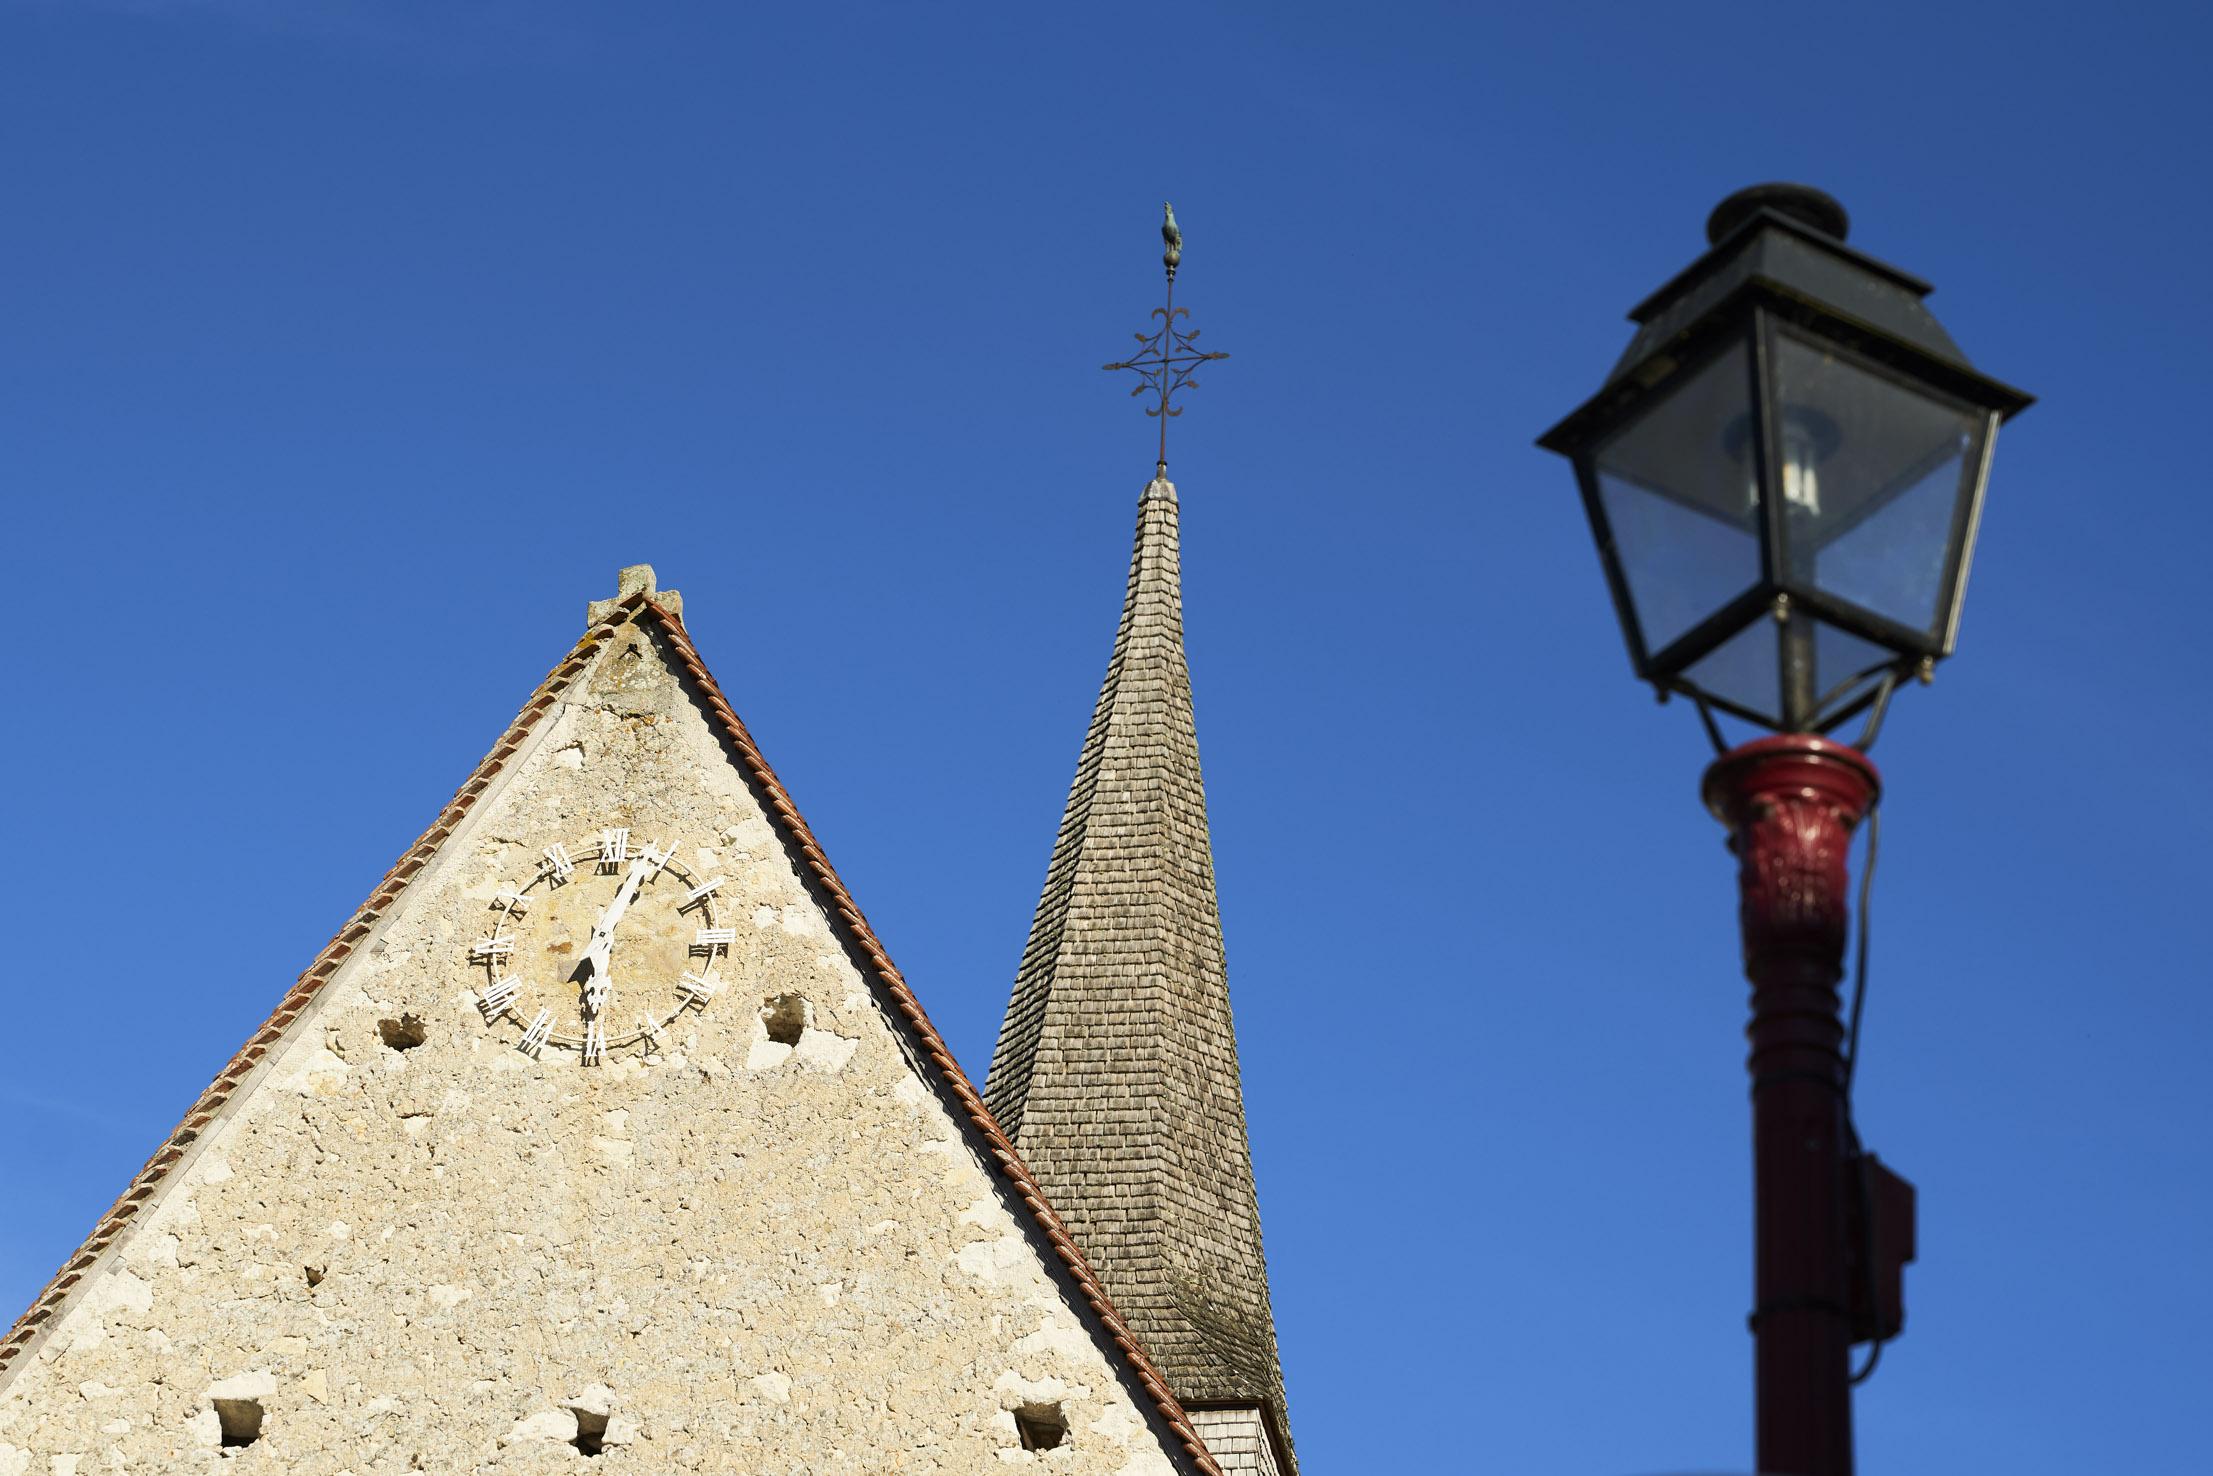 Clocher de l'église de Saint Georges de la Couée, visite touristique en Sarthe à découvrir